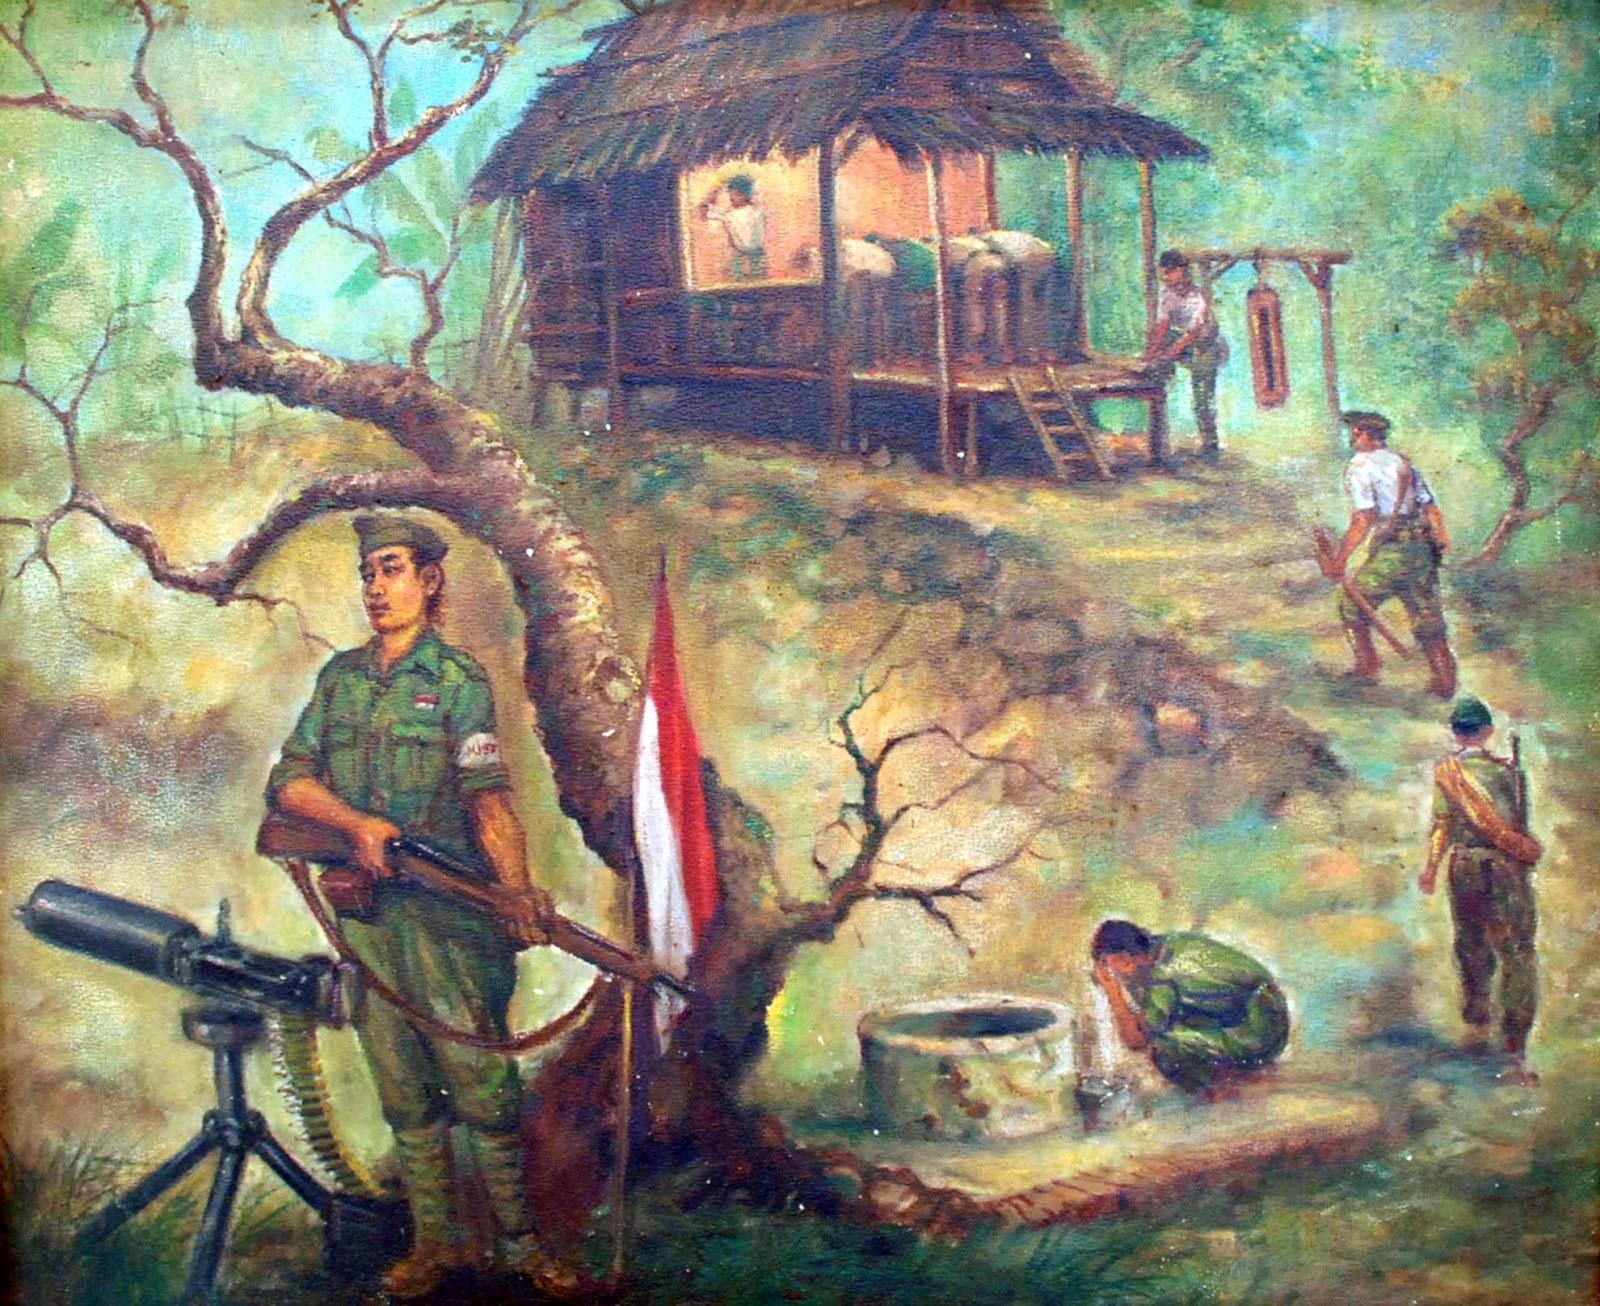 Saiin |西院: Lukisan Sejarah Perjuangan Indonesia